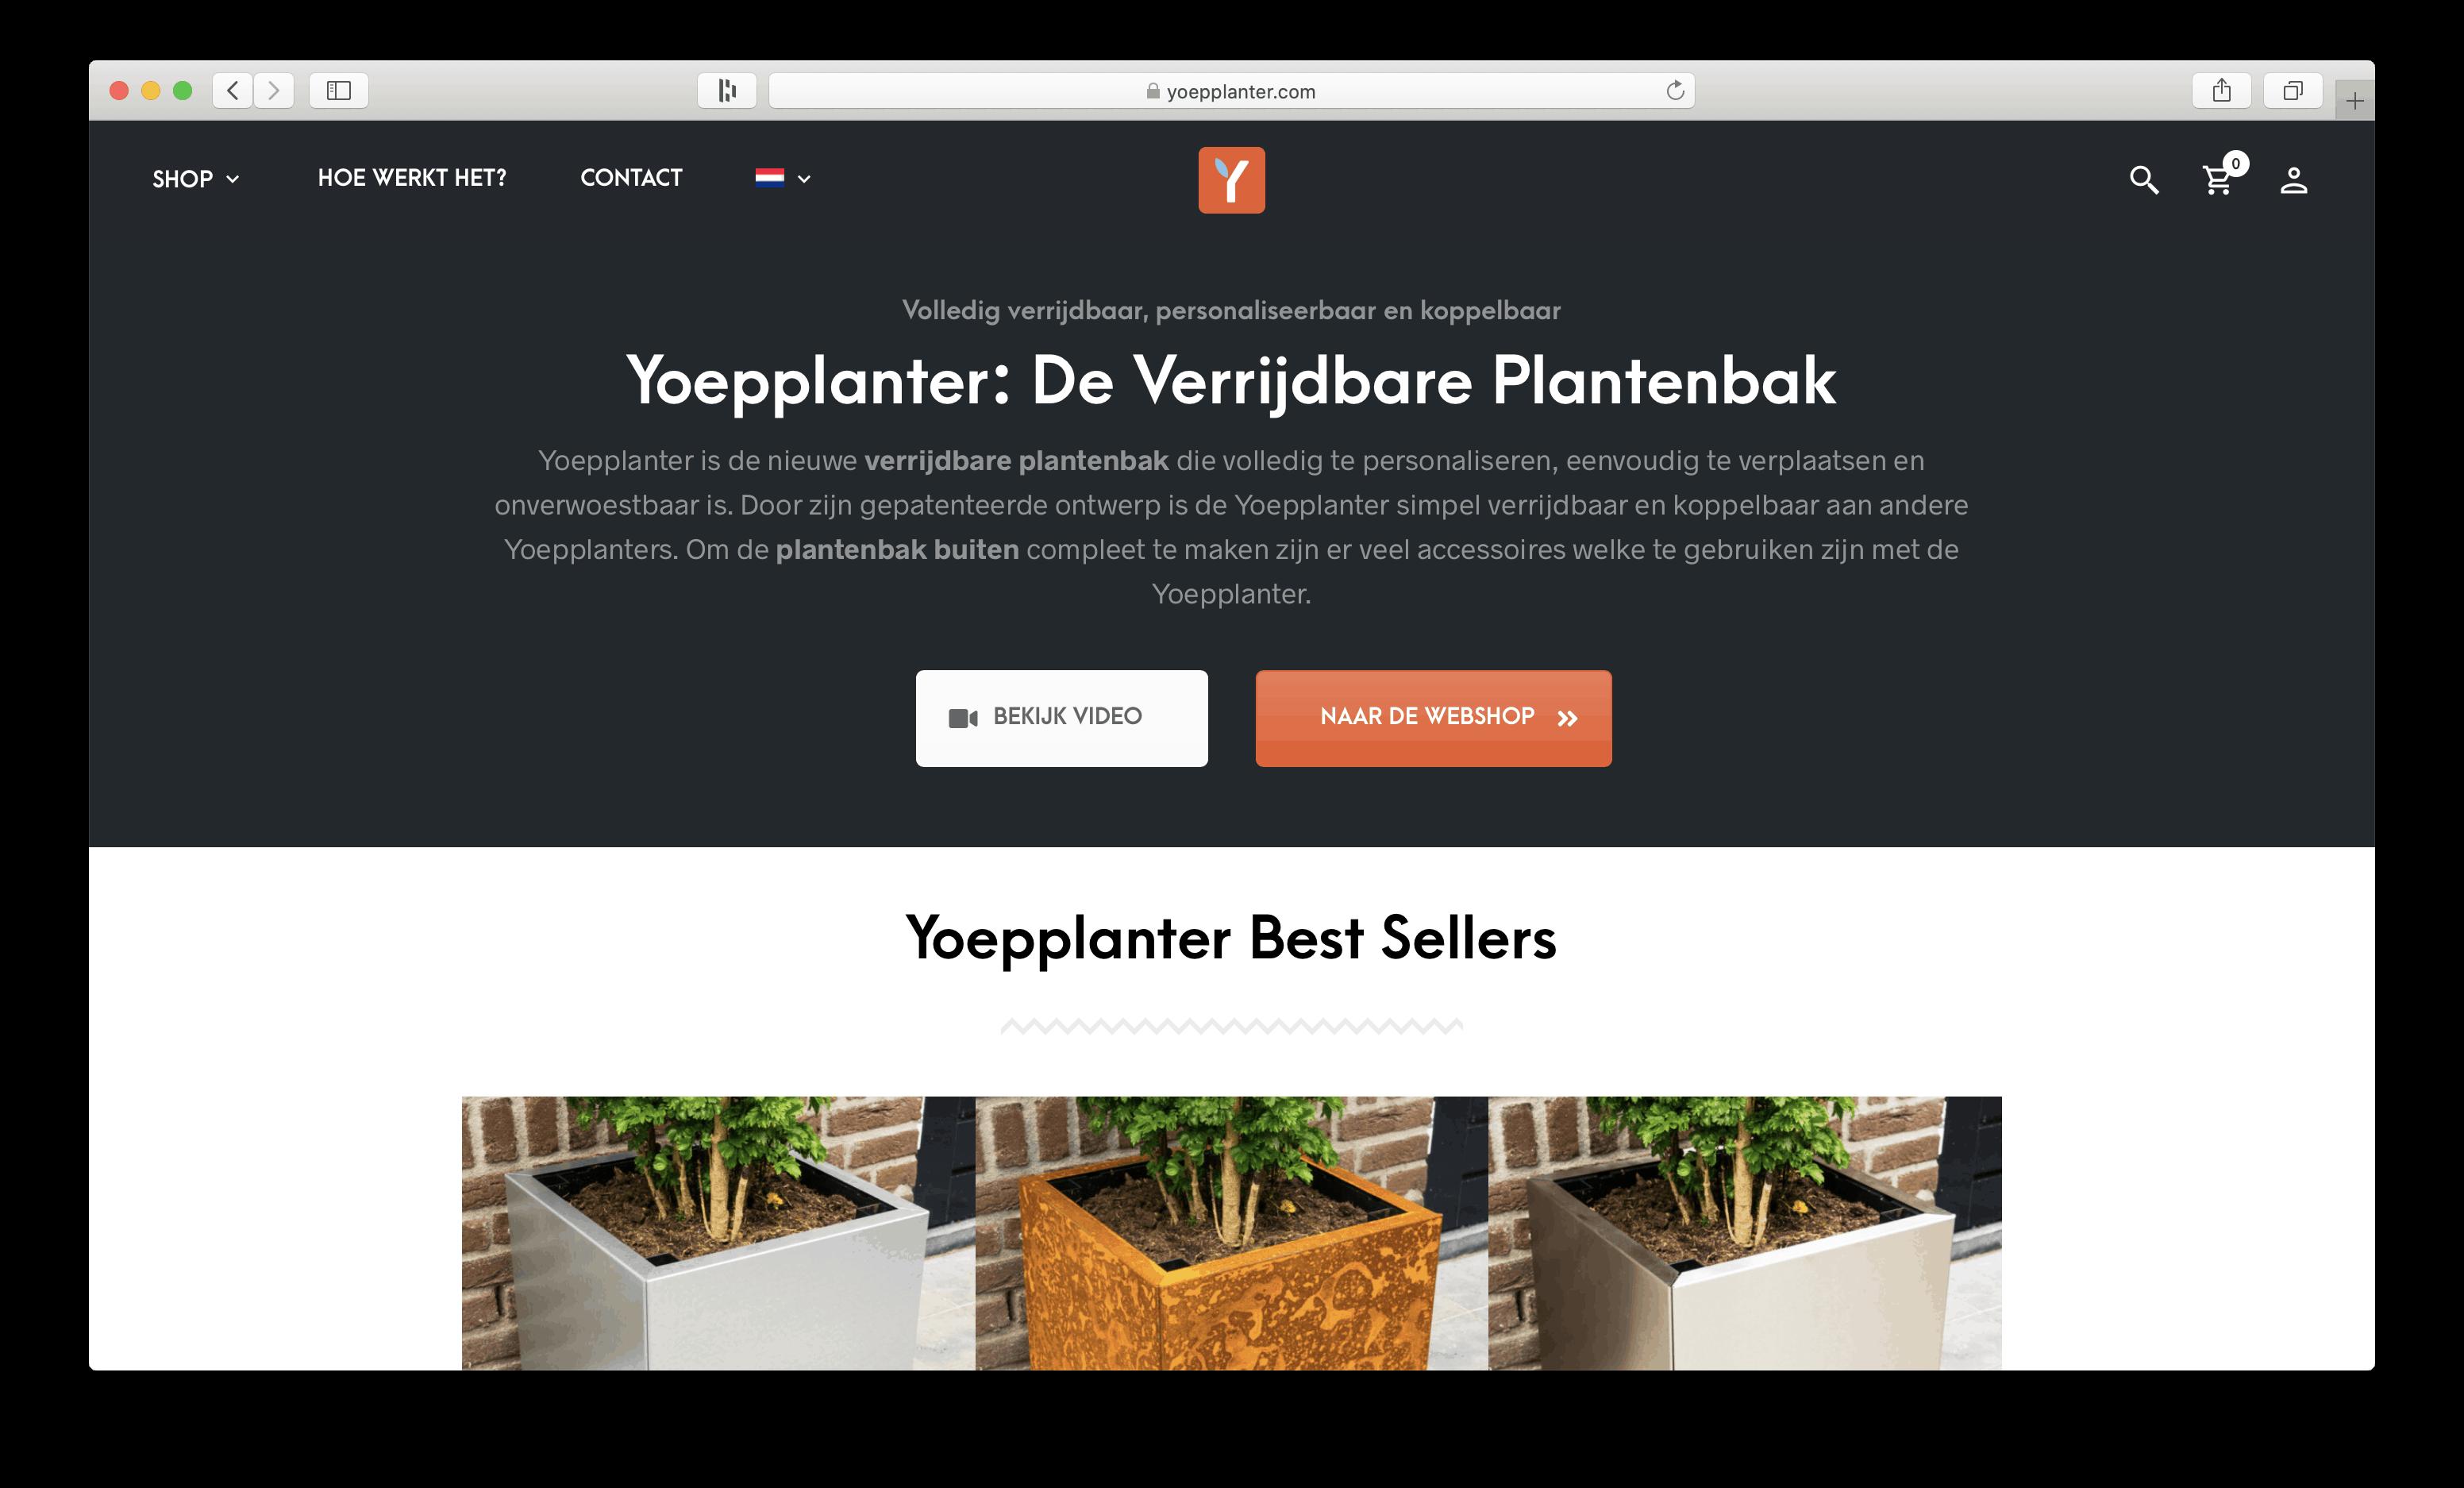 yoepplanter